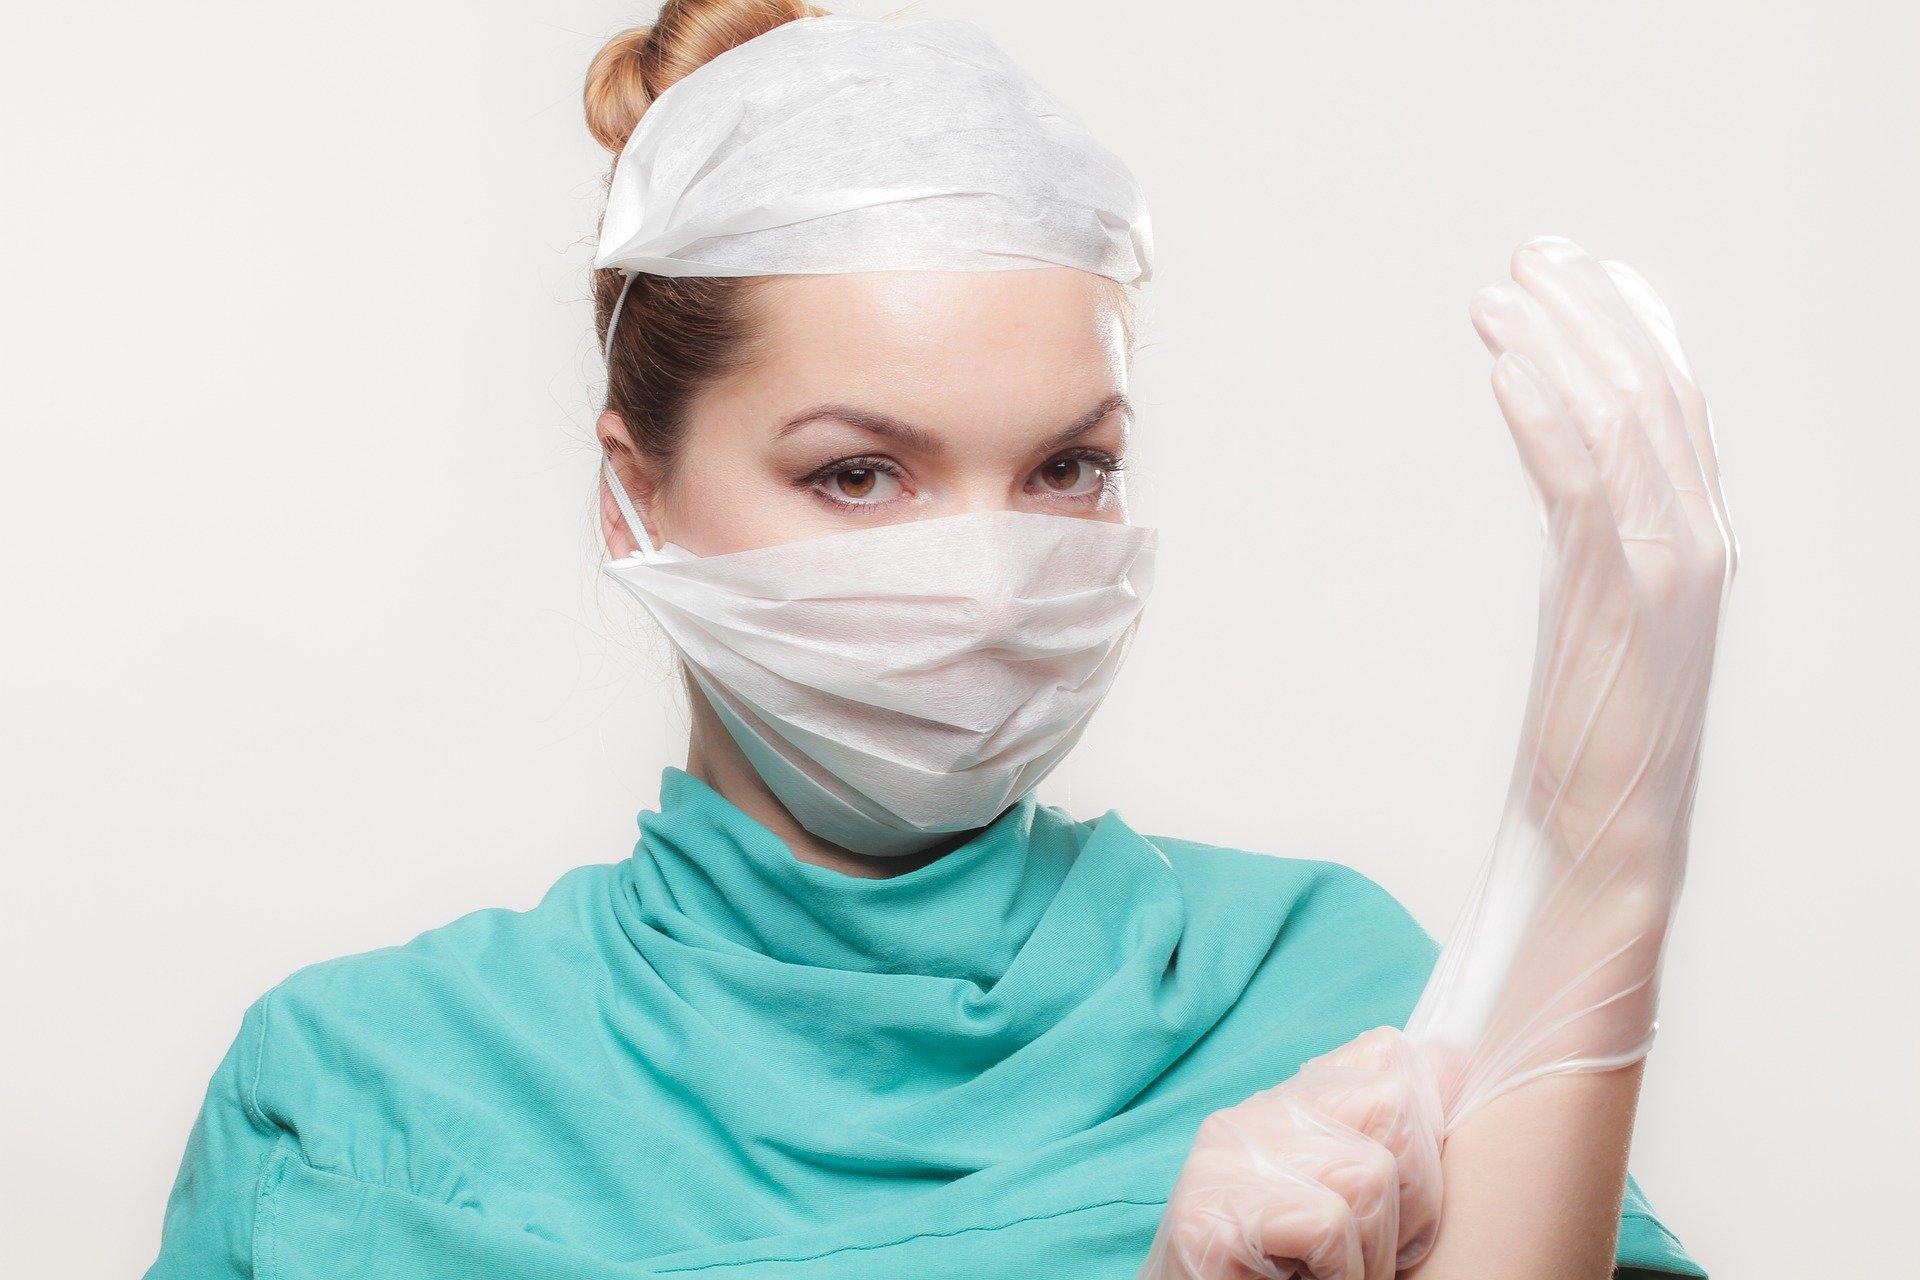 Některé gynekologické potíže jsou zcela běžné a není třeba se za ně stydět